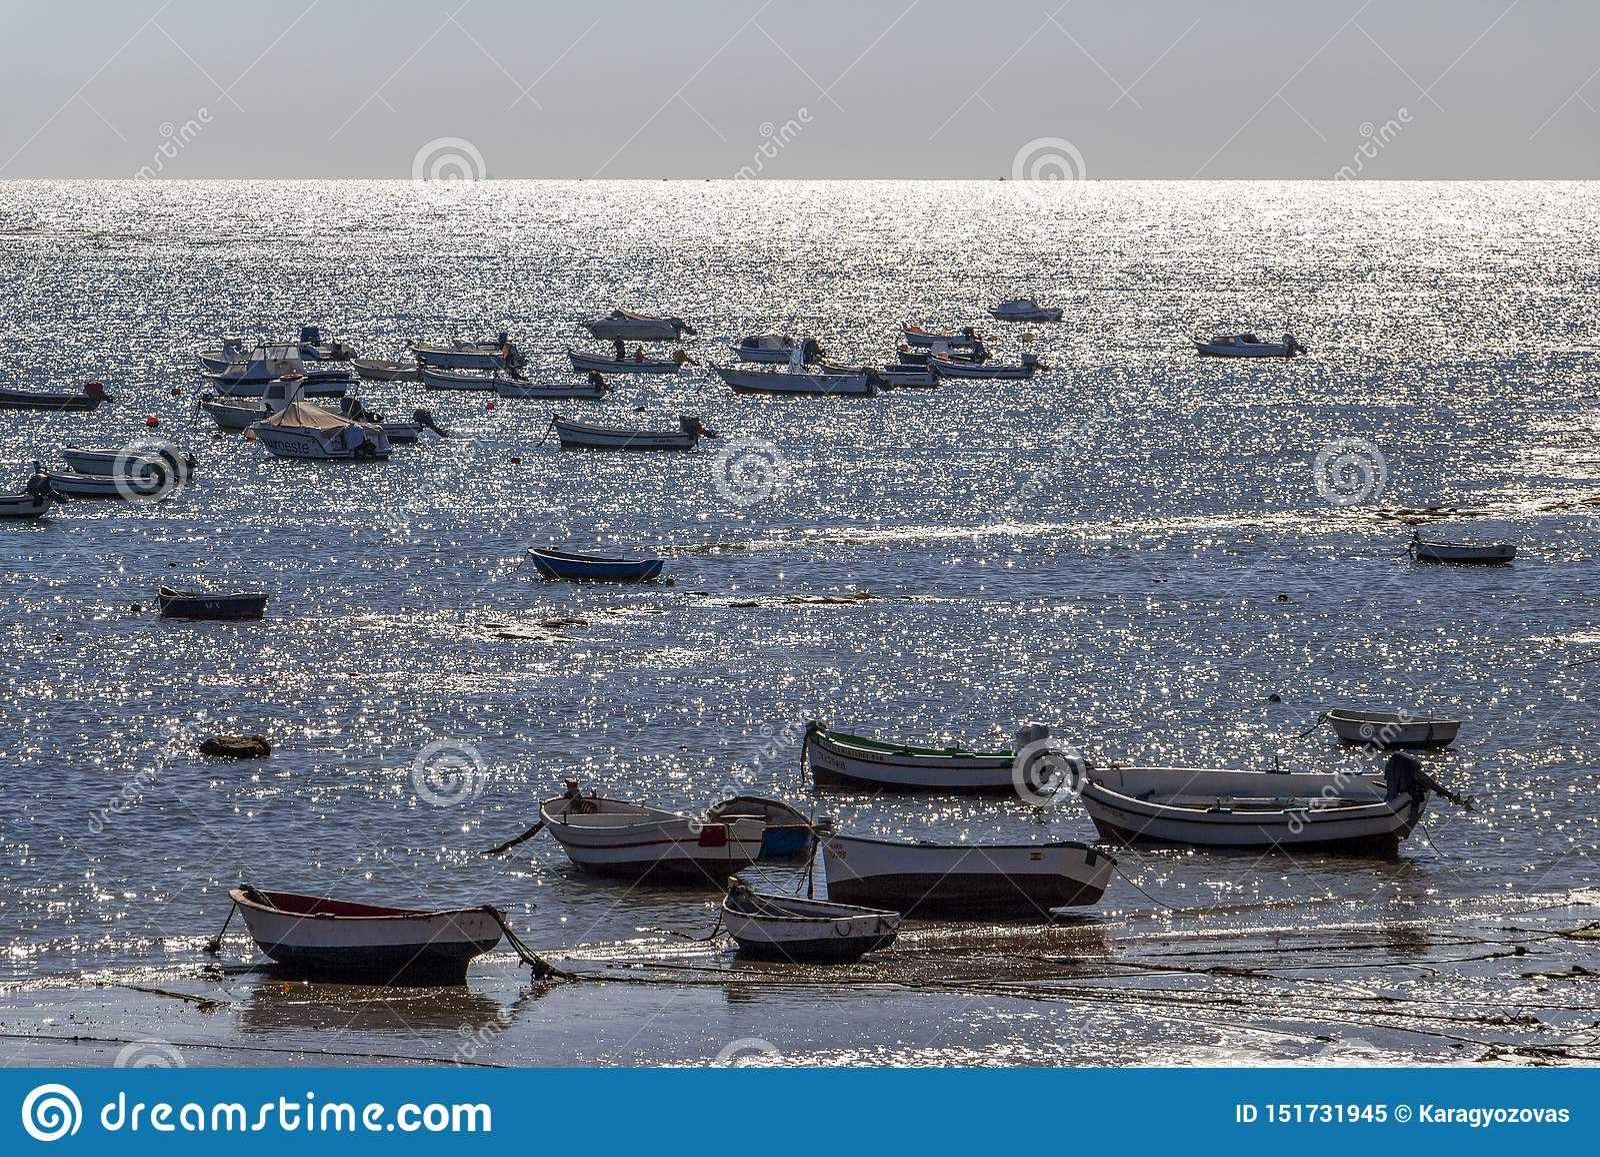 Playa-La Caleta oder La Caleta-Strand, Cadiz, Spanien